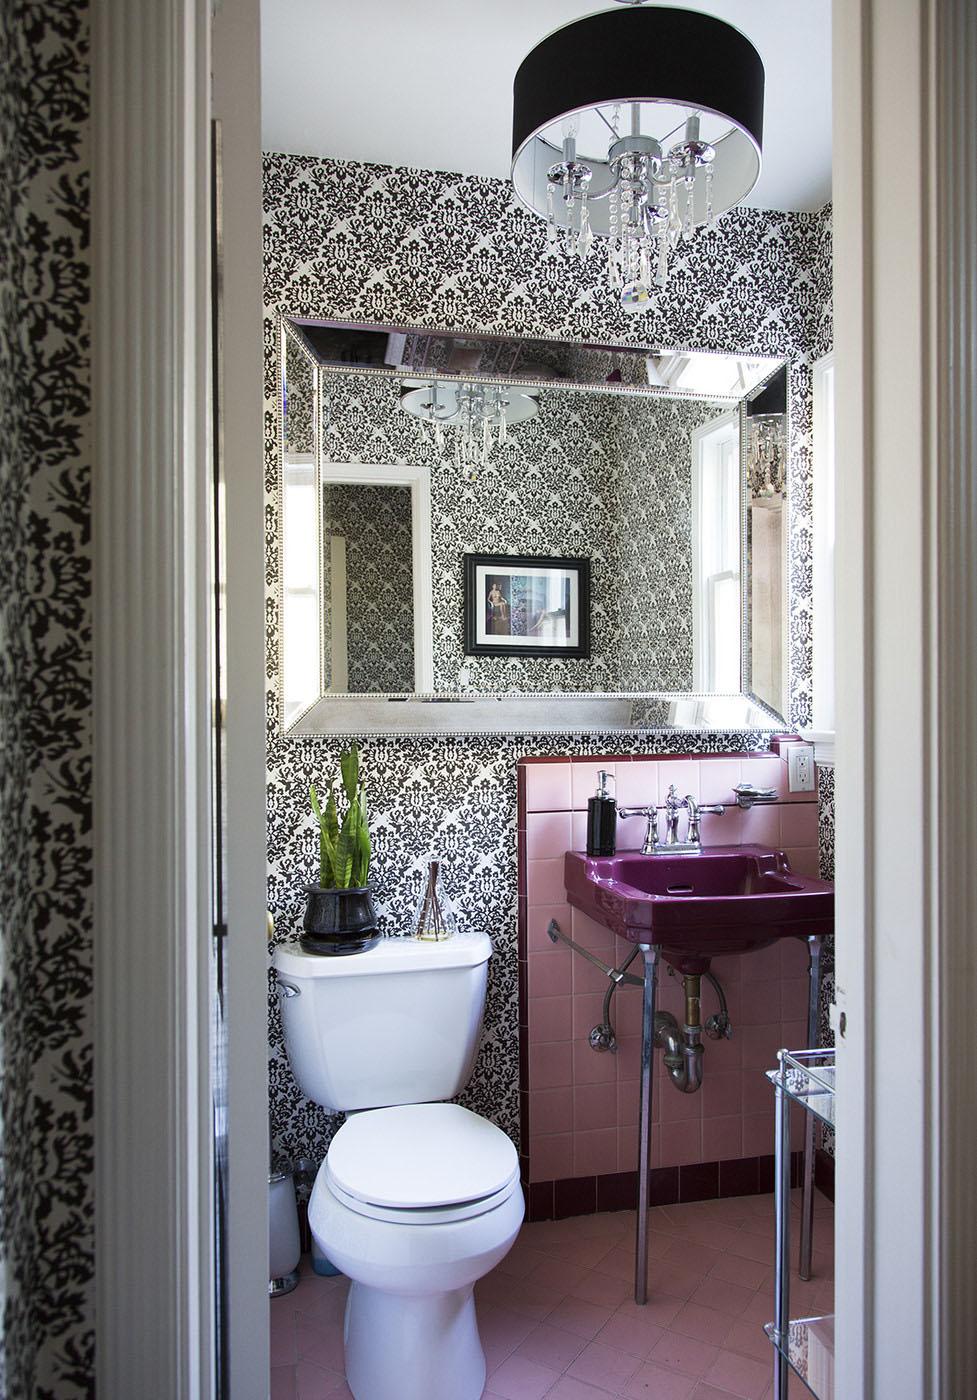 Черный, белый и розовый цвета в интерьере ванной